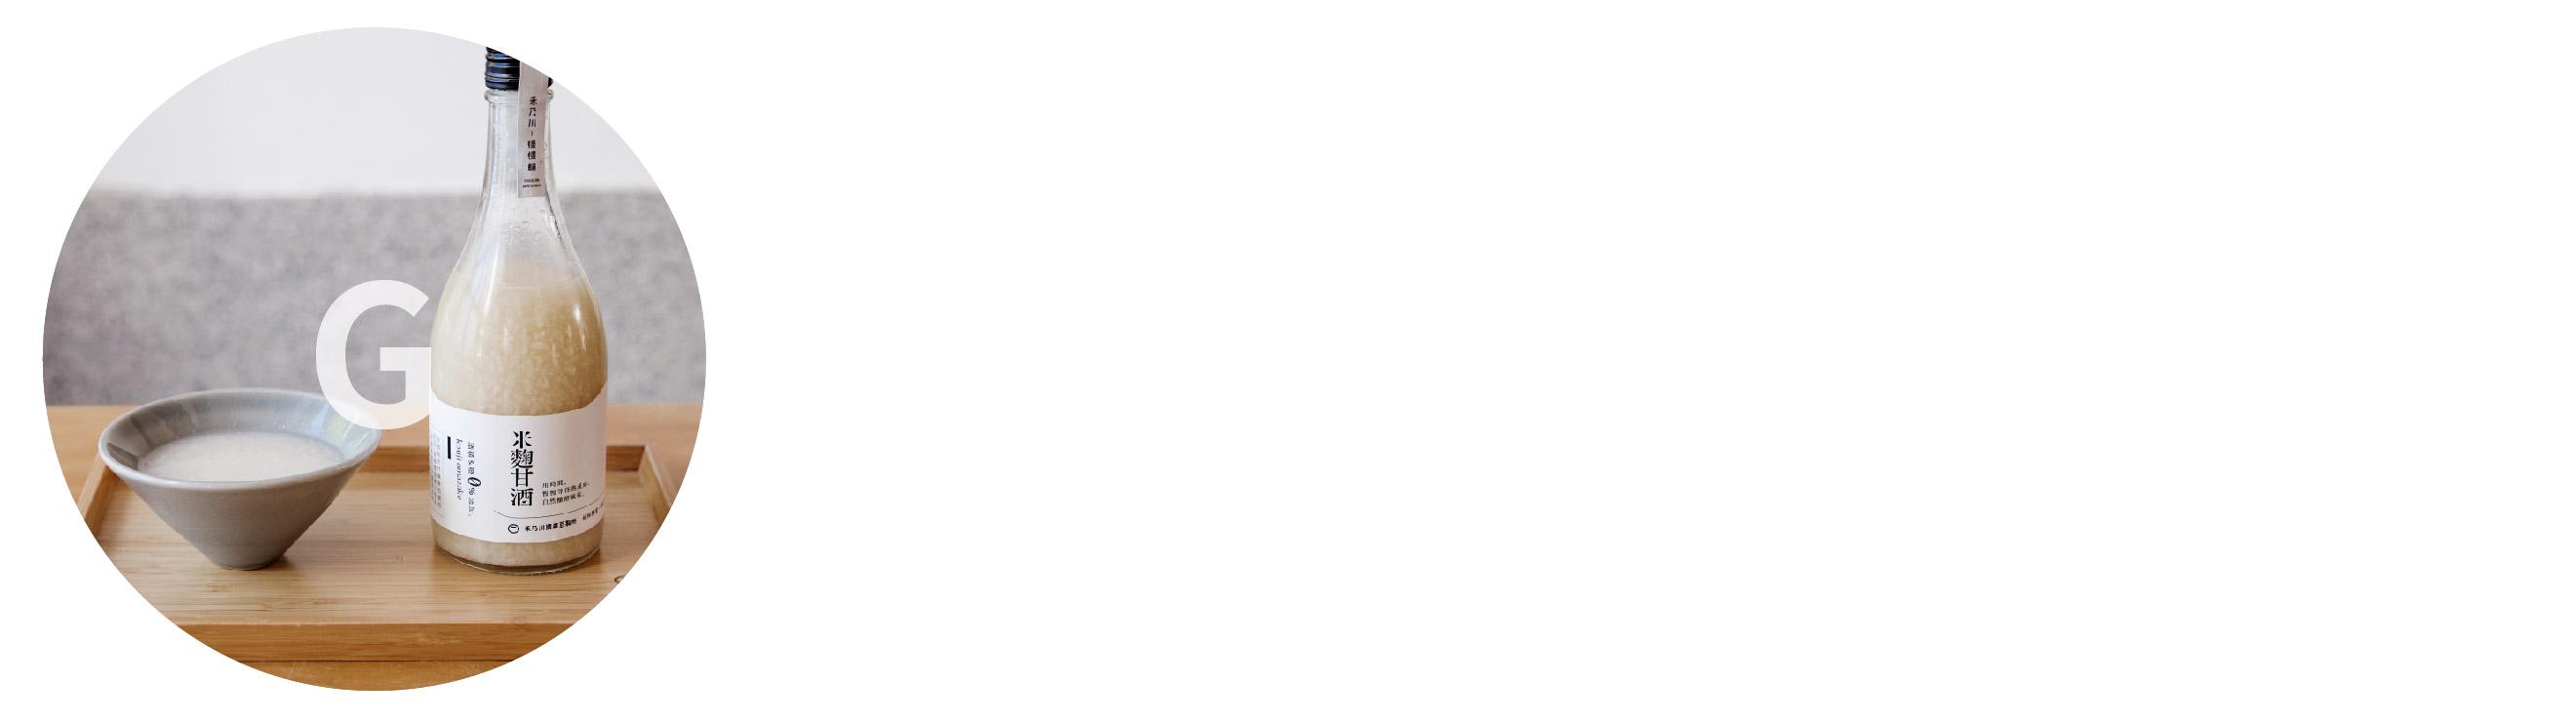 甘樂文創社創良品採購型錄_工作區域 1 複本 39.jpg